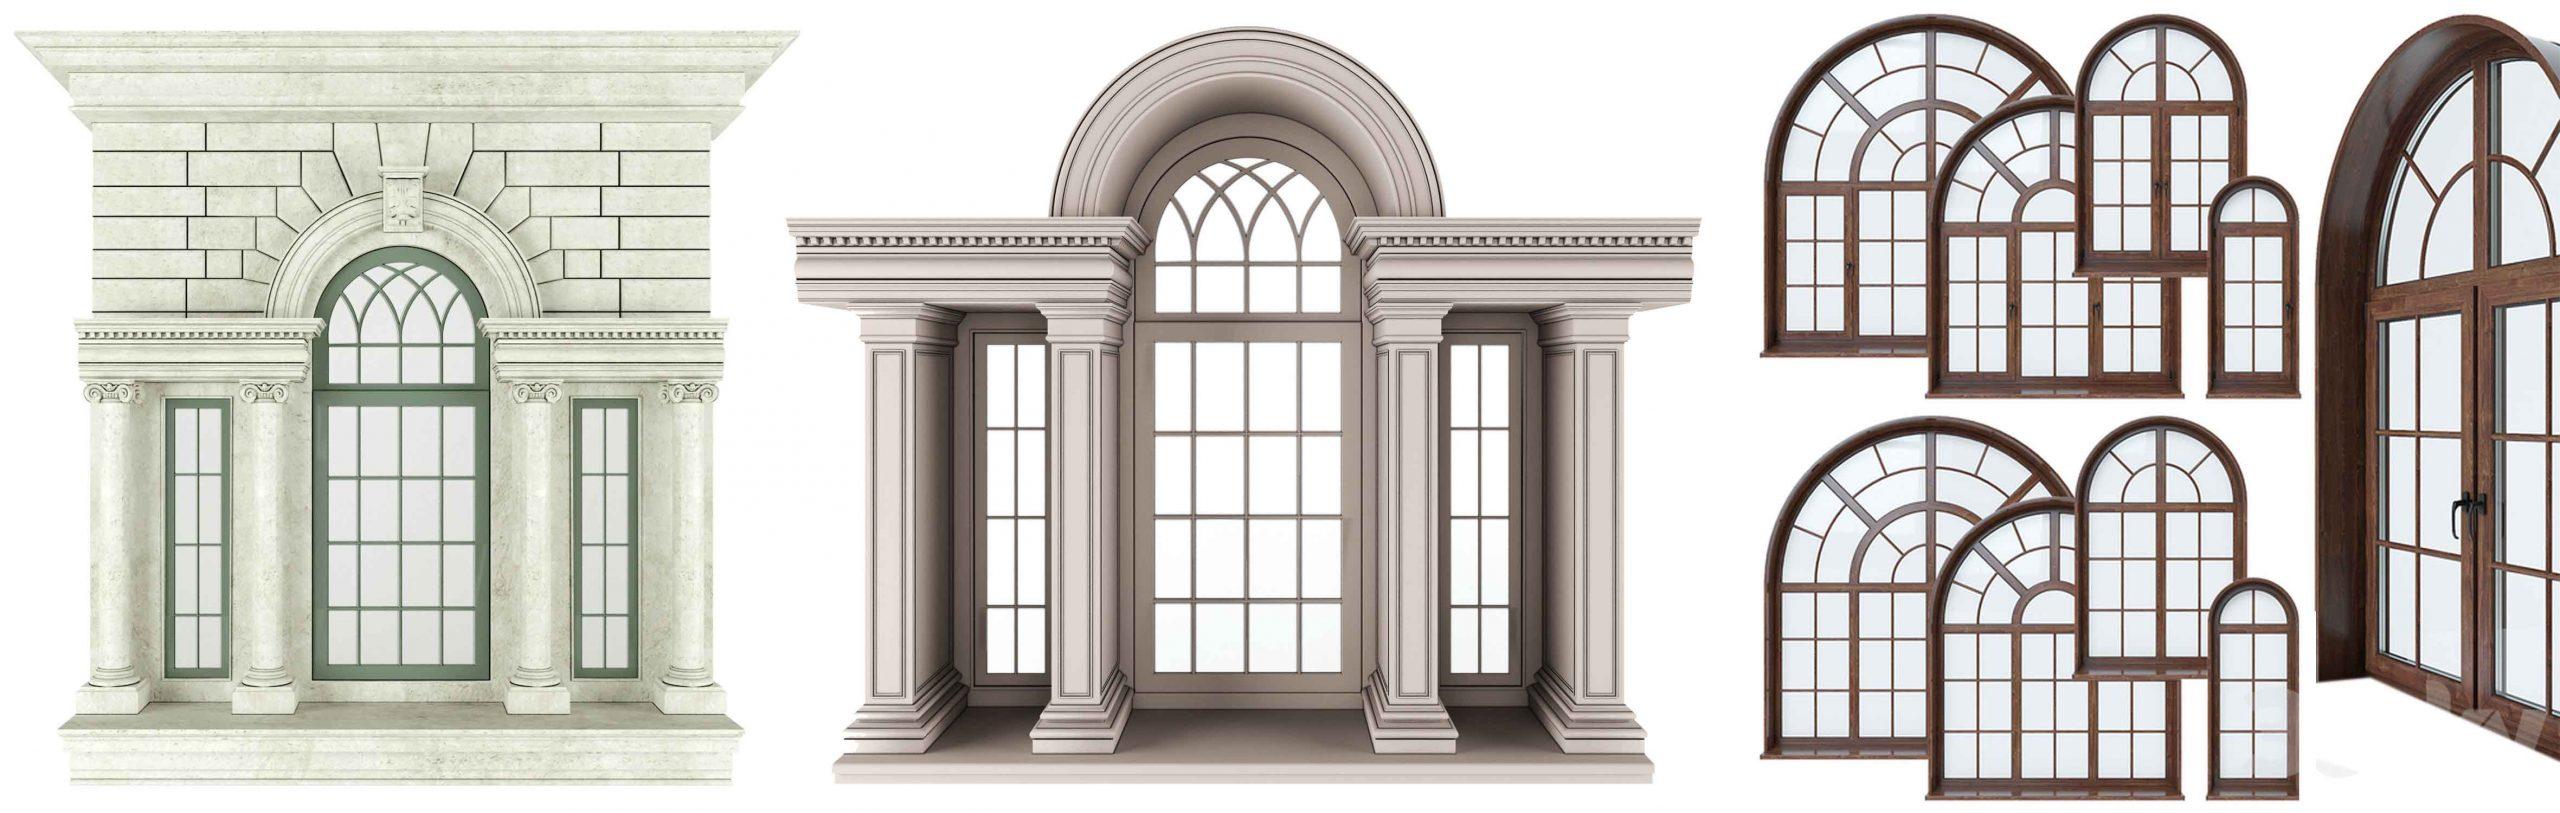 درب و پنجره هلالی